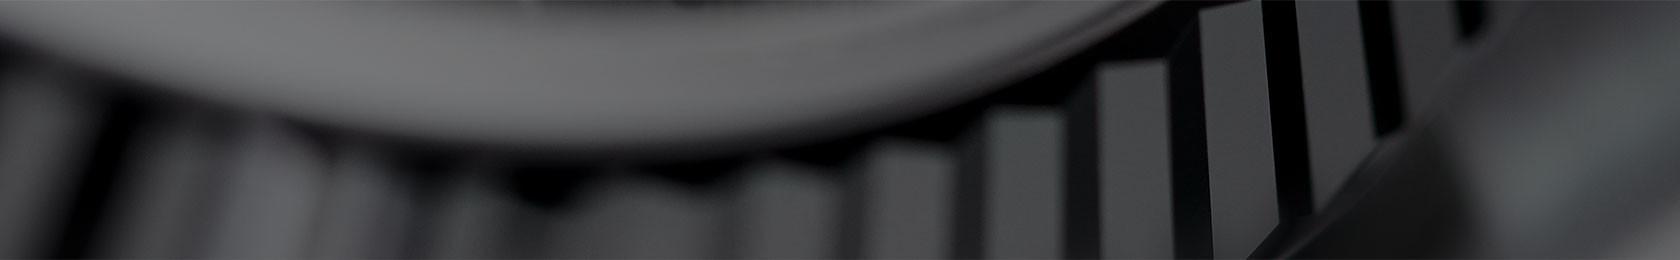 Detailaufnahme einer Rolex Datejust